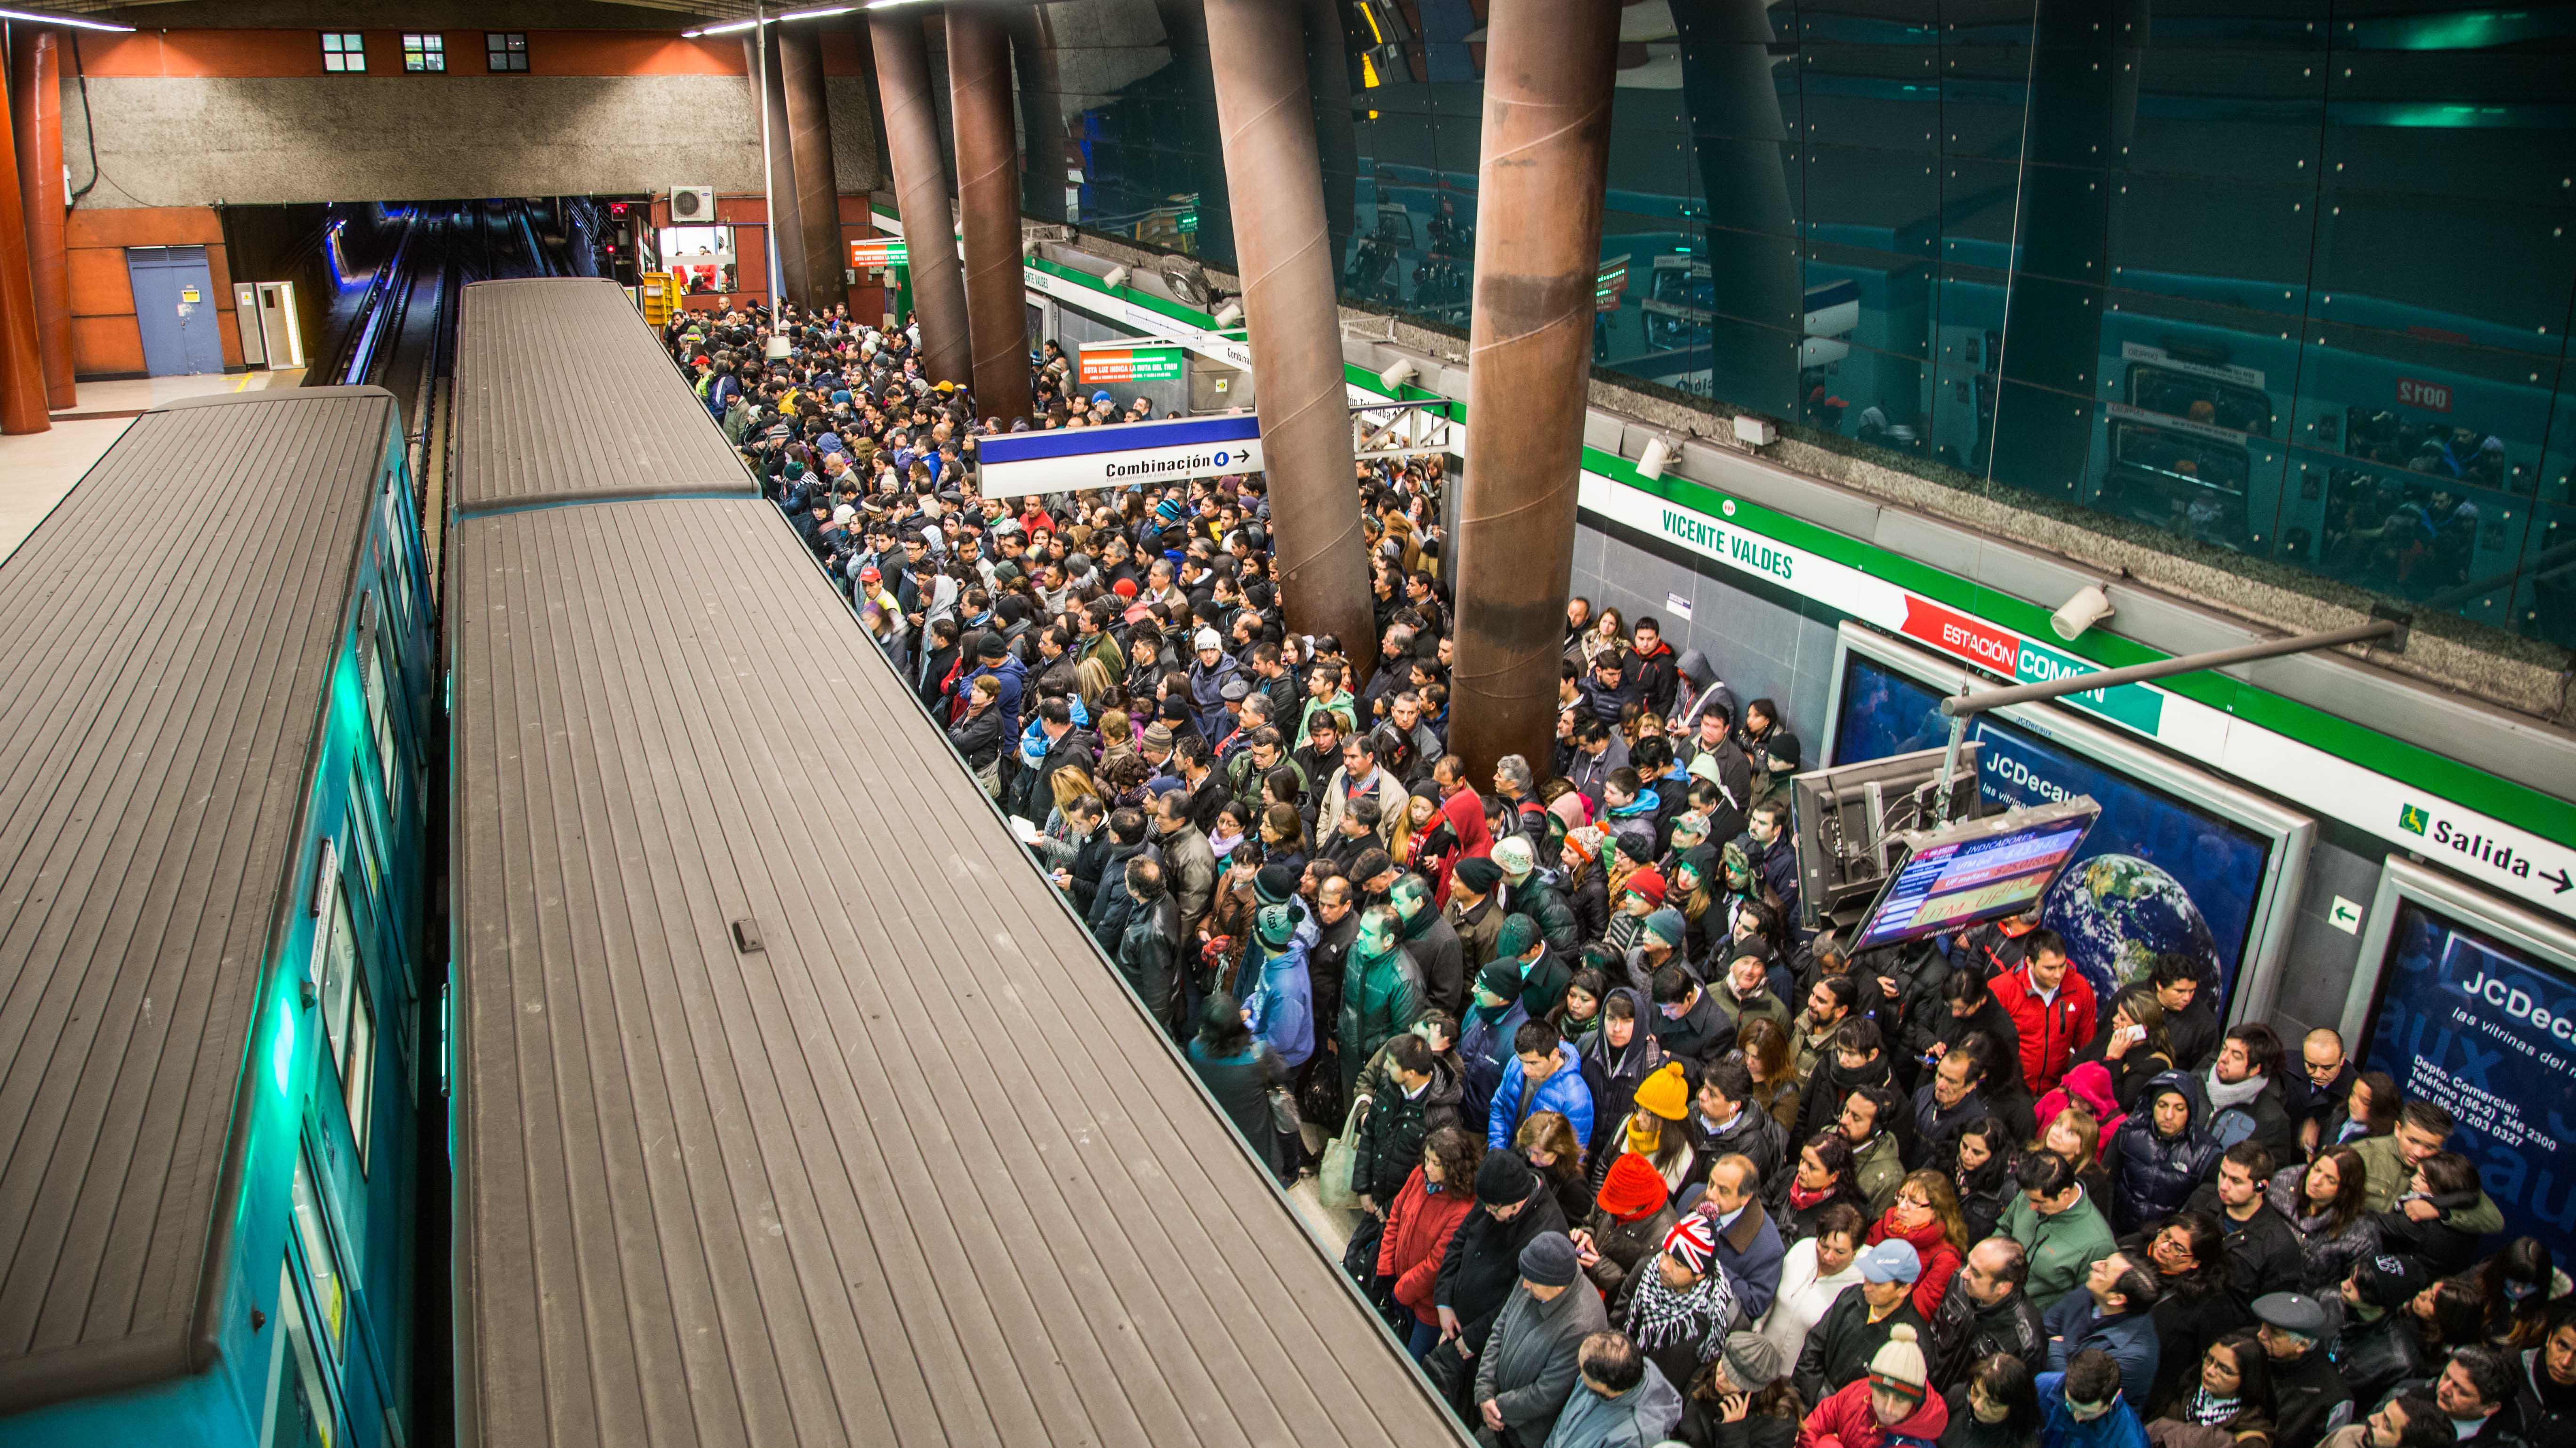 Línea 5 del Metro vuelve a presentar problemas: Suspendió ruta expresa y hay retraso en frecuencia habitual